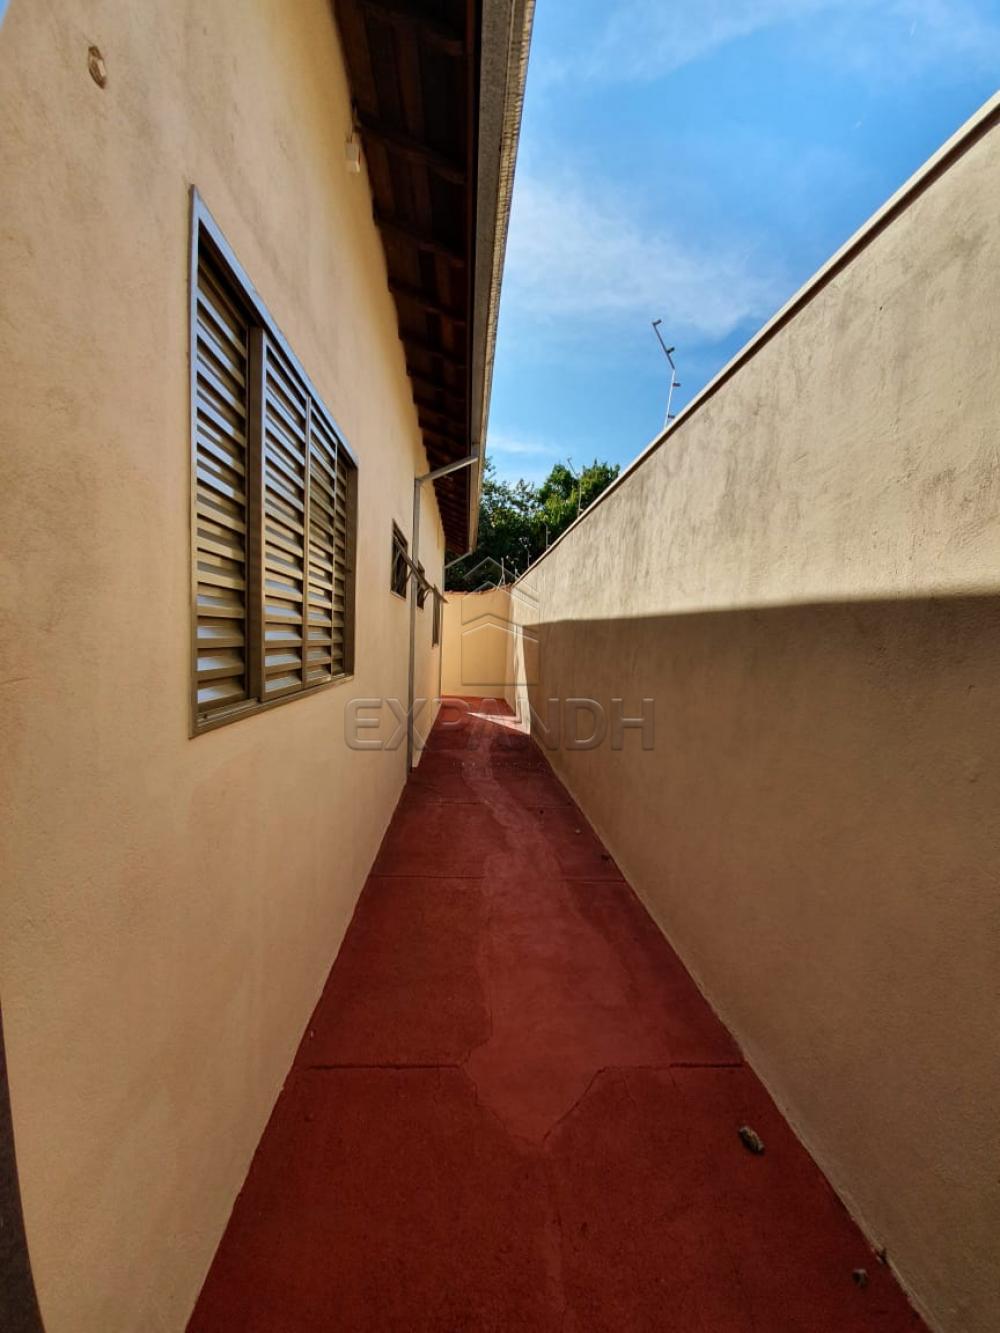 Alugar Casas / Padrão em Sertãozinho R$ 1.440,00 - Foto 4